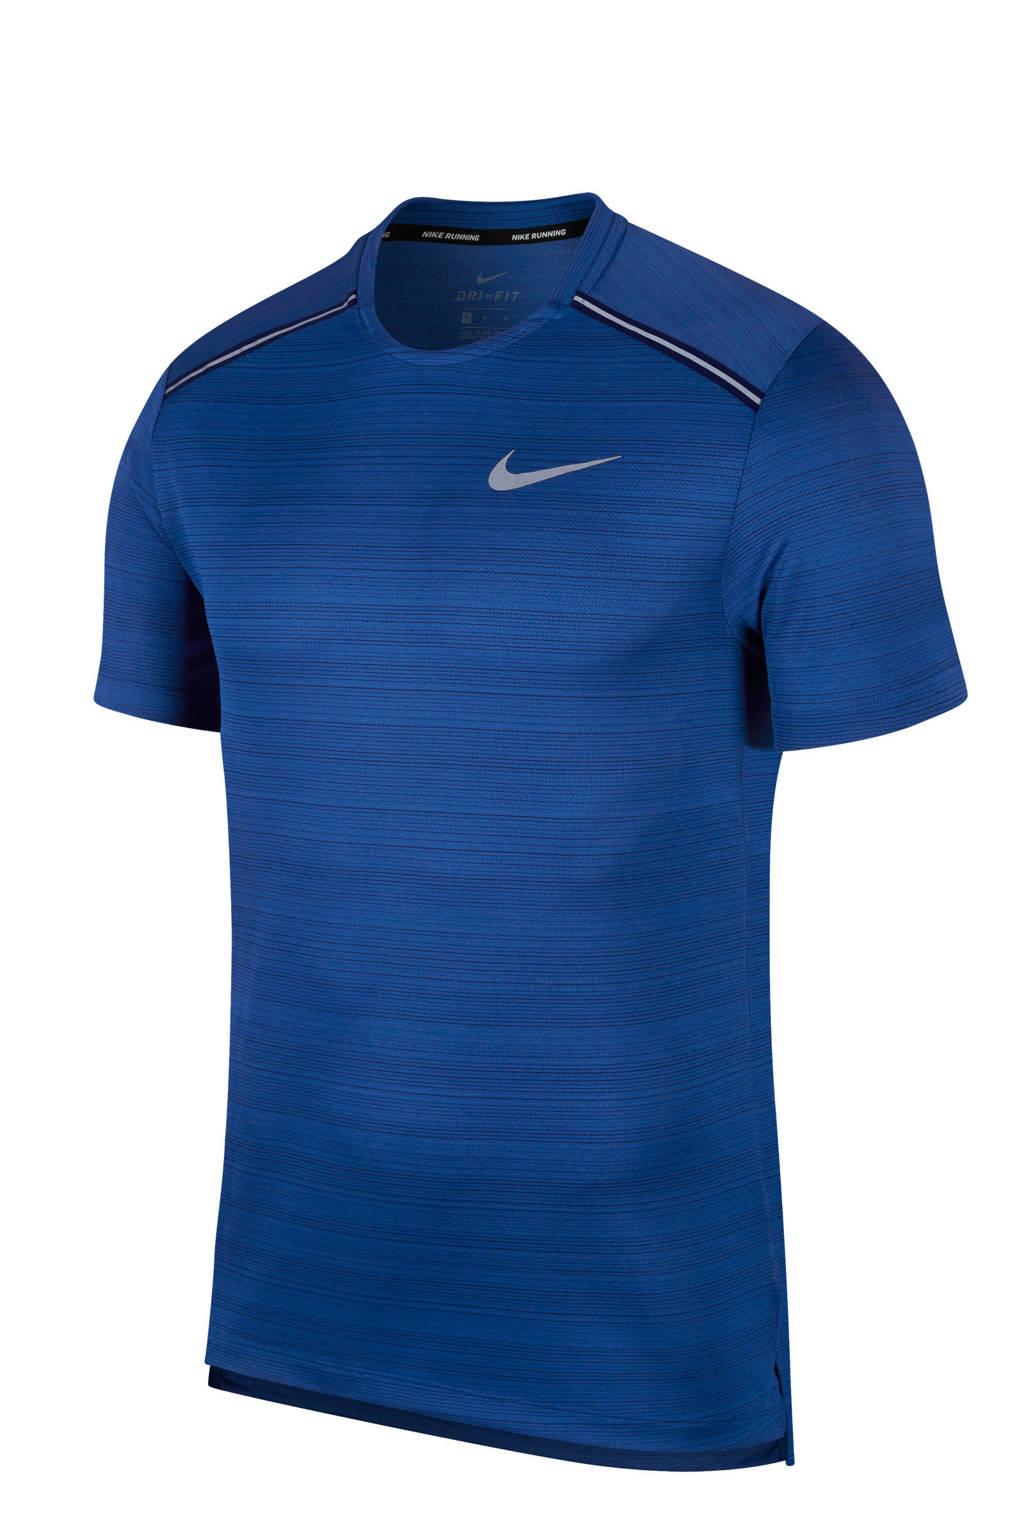 Nike   hardloopshirt blauw, Blauw